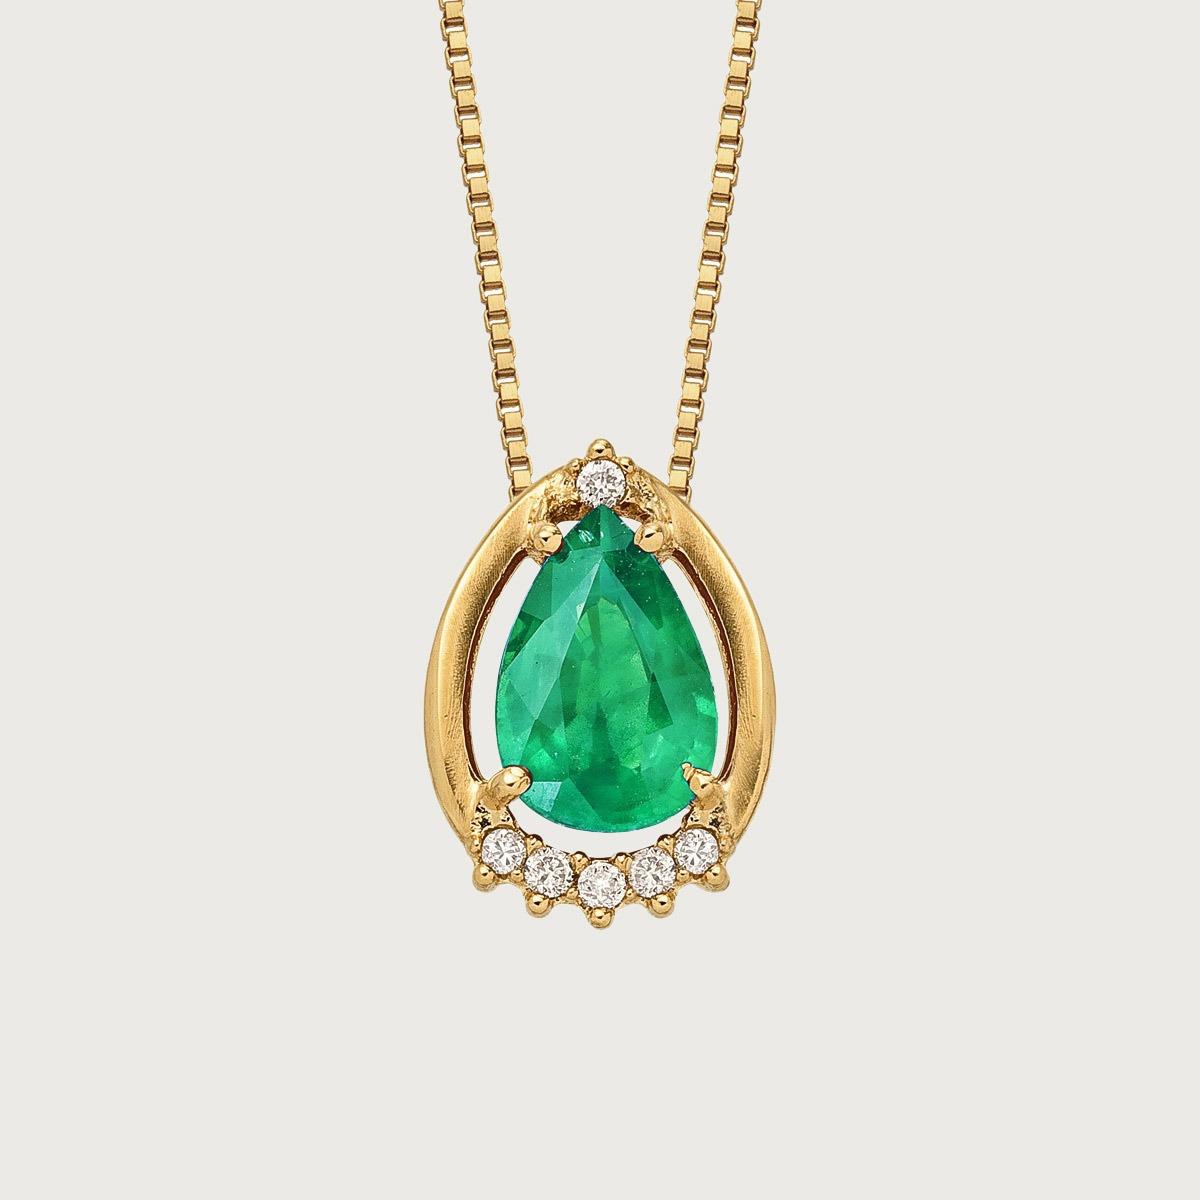 e0b985852d608 gargantilha em ouro 18k com esmeralda e diamantes. Carregando zoom.